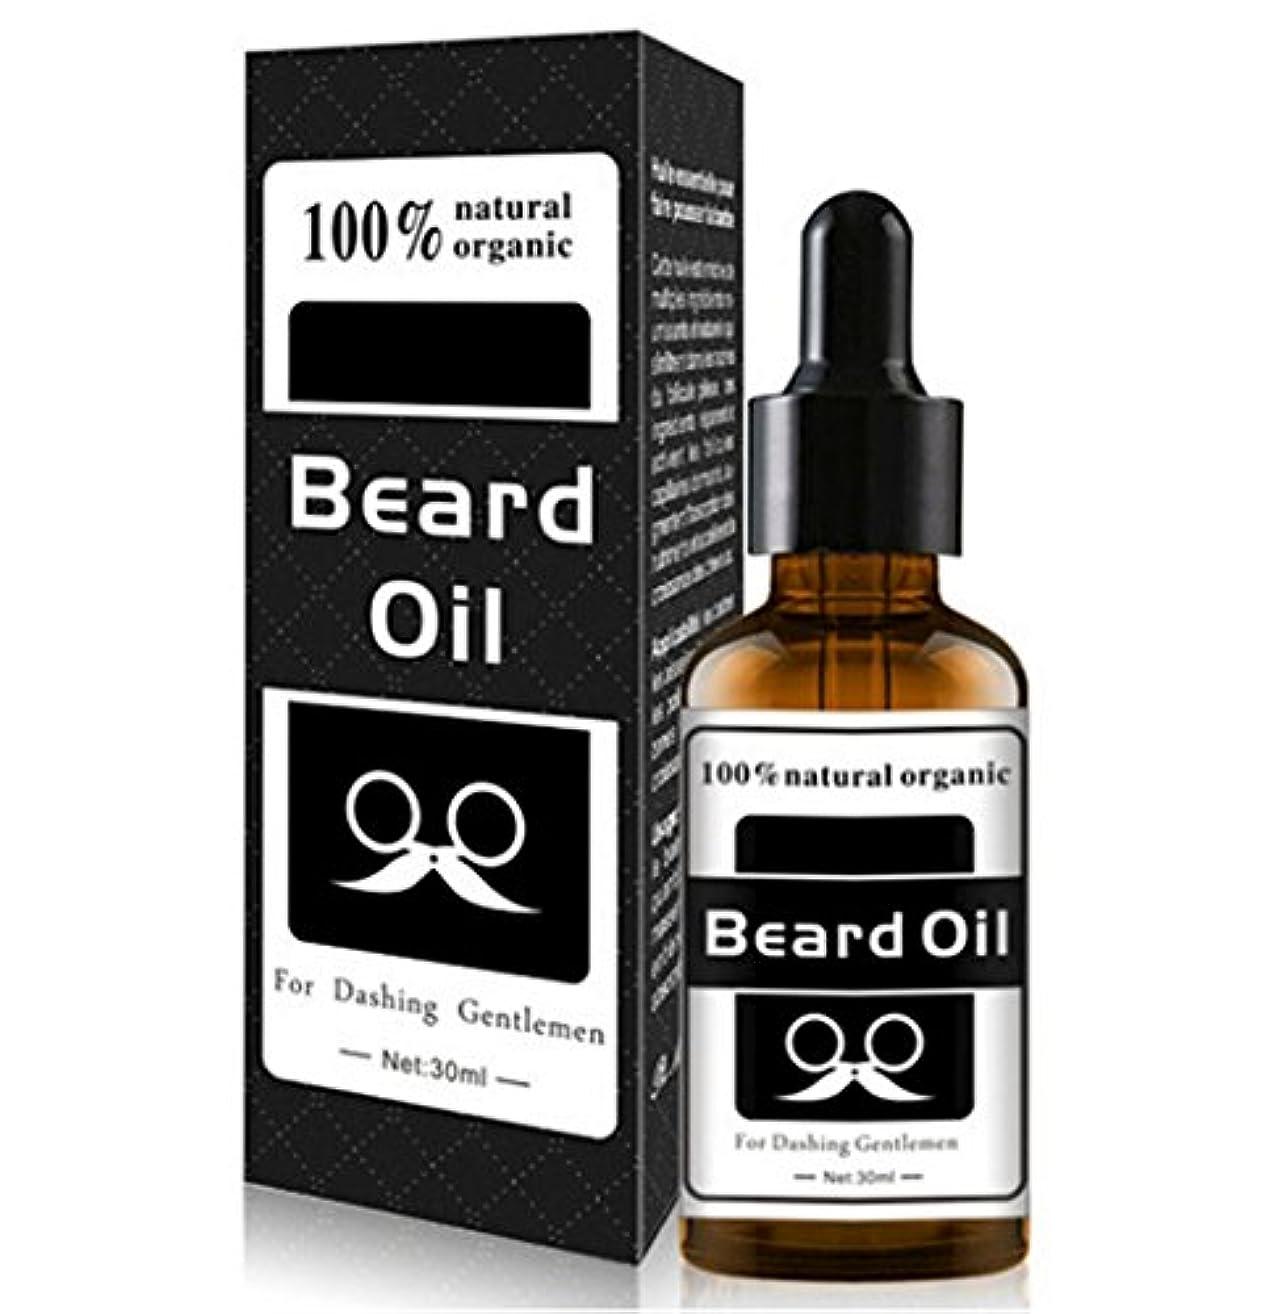 ペック注目すべき擁する男性用30ml 1オンスひげ油ひげ口髭成長エッセンシャルオイルアイブロー毛髪成長用トリートメント液、100%オーガニックナチュラル (white)